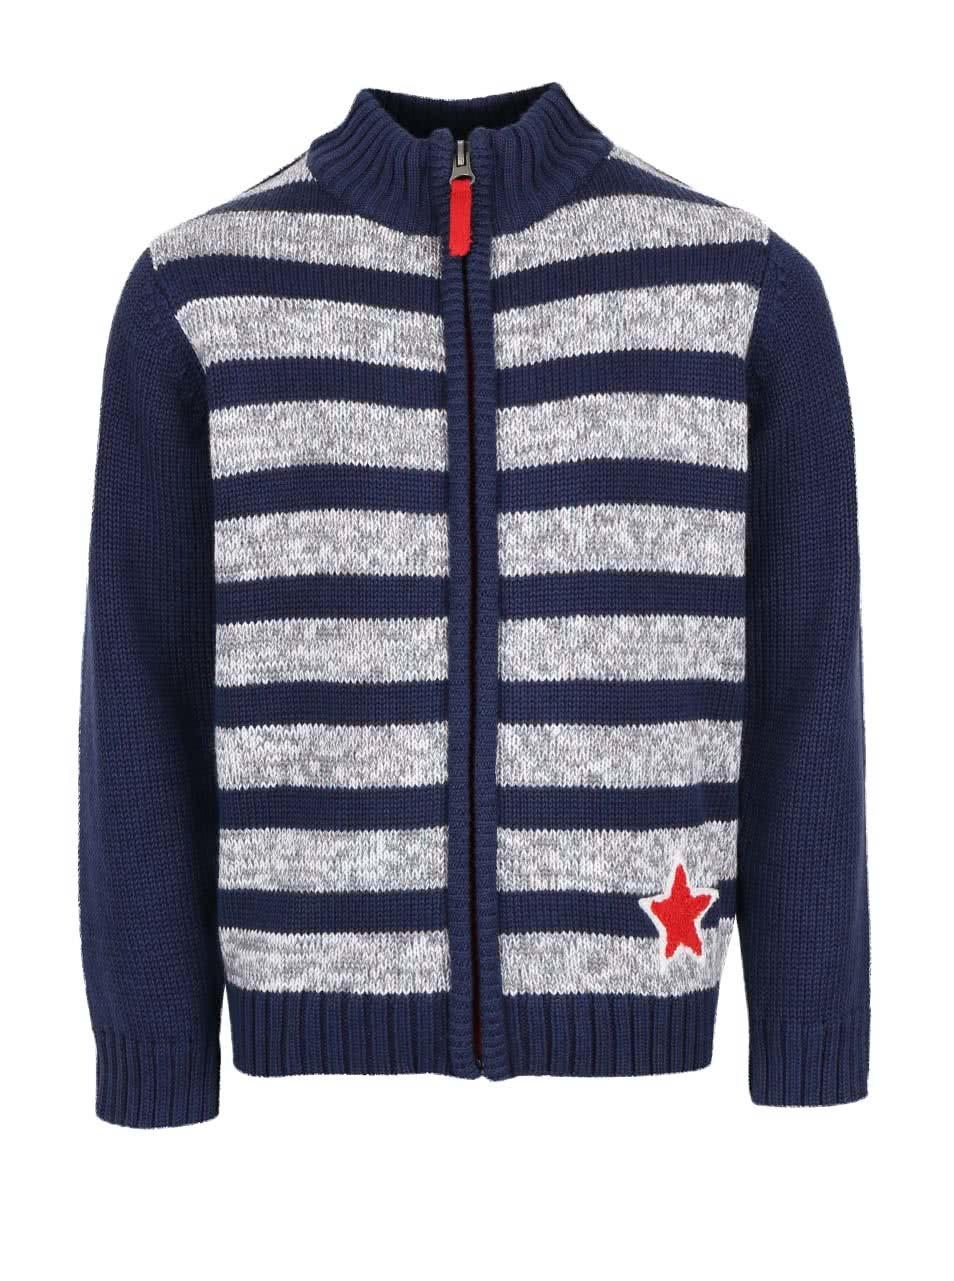 60db54808e5b Tmavomodrý chlapčenský pruhovaný sveter na zips Blue Seven ...